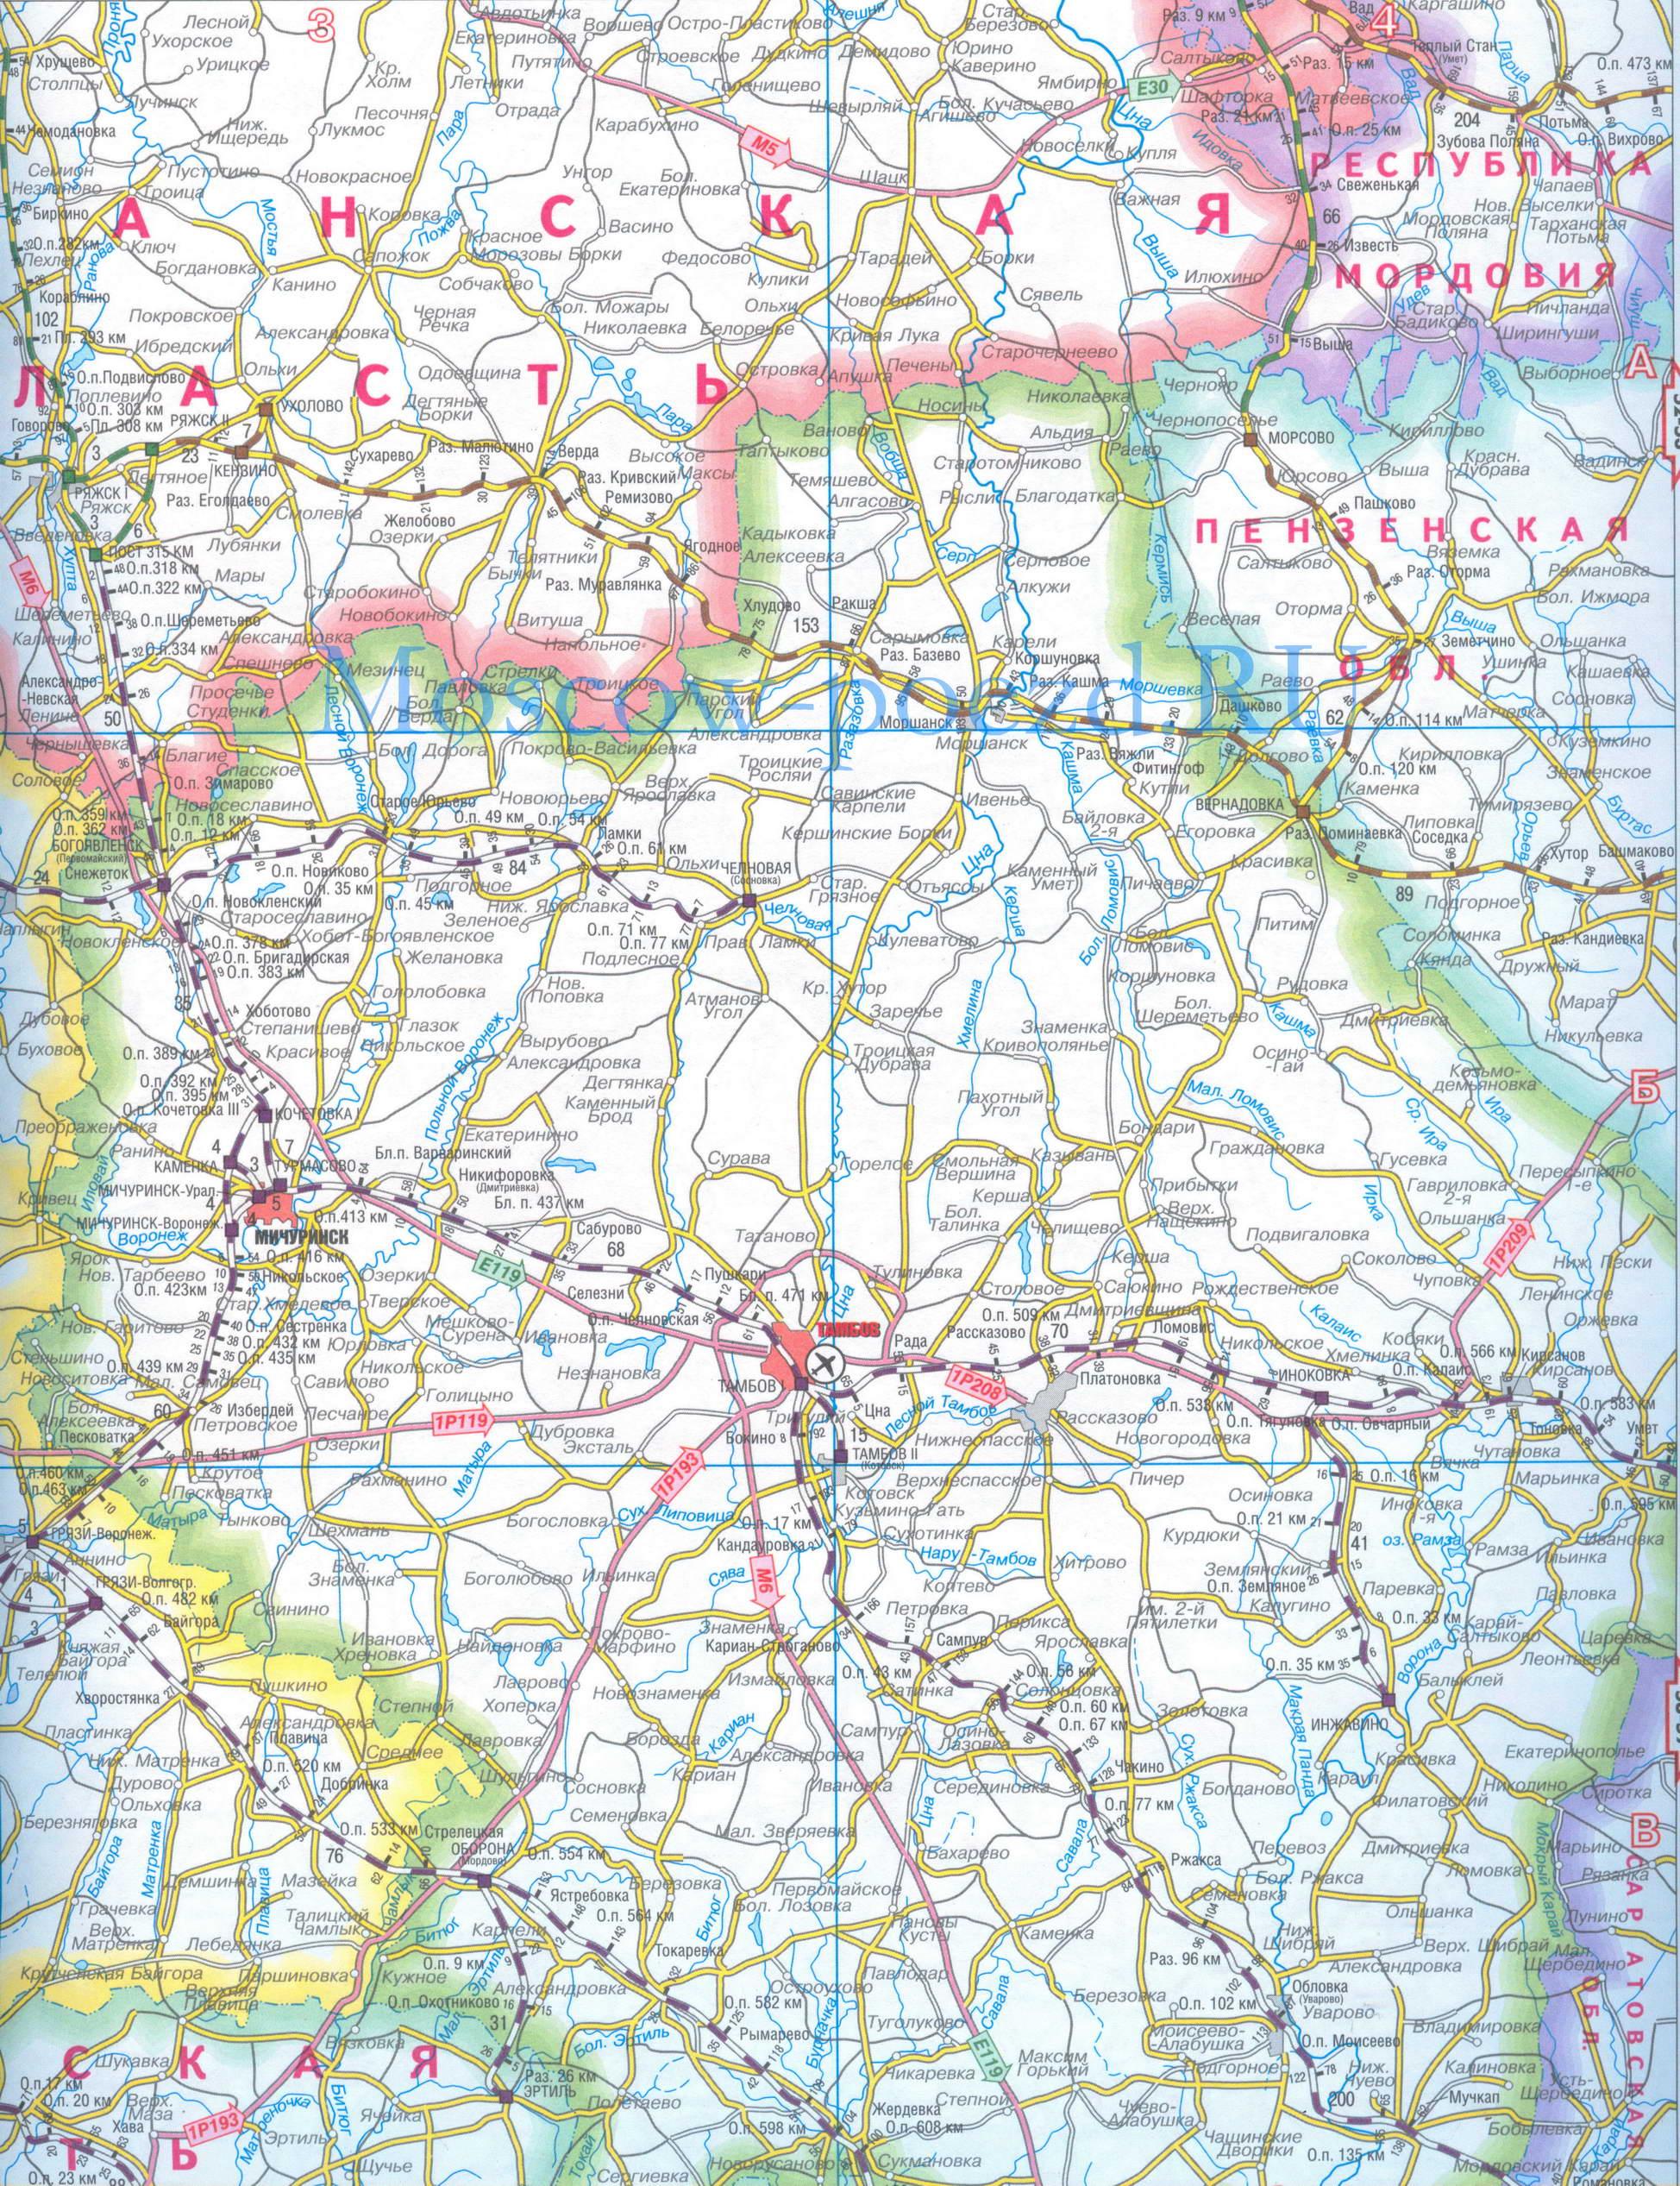 Карта Новосибирска со спутника Спутниковая карта г